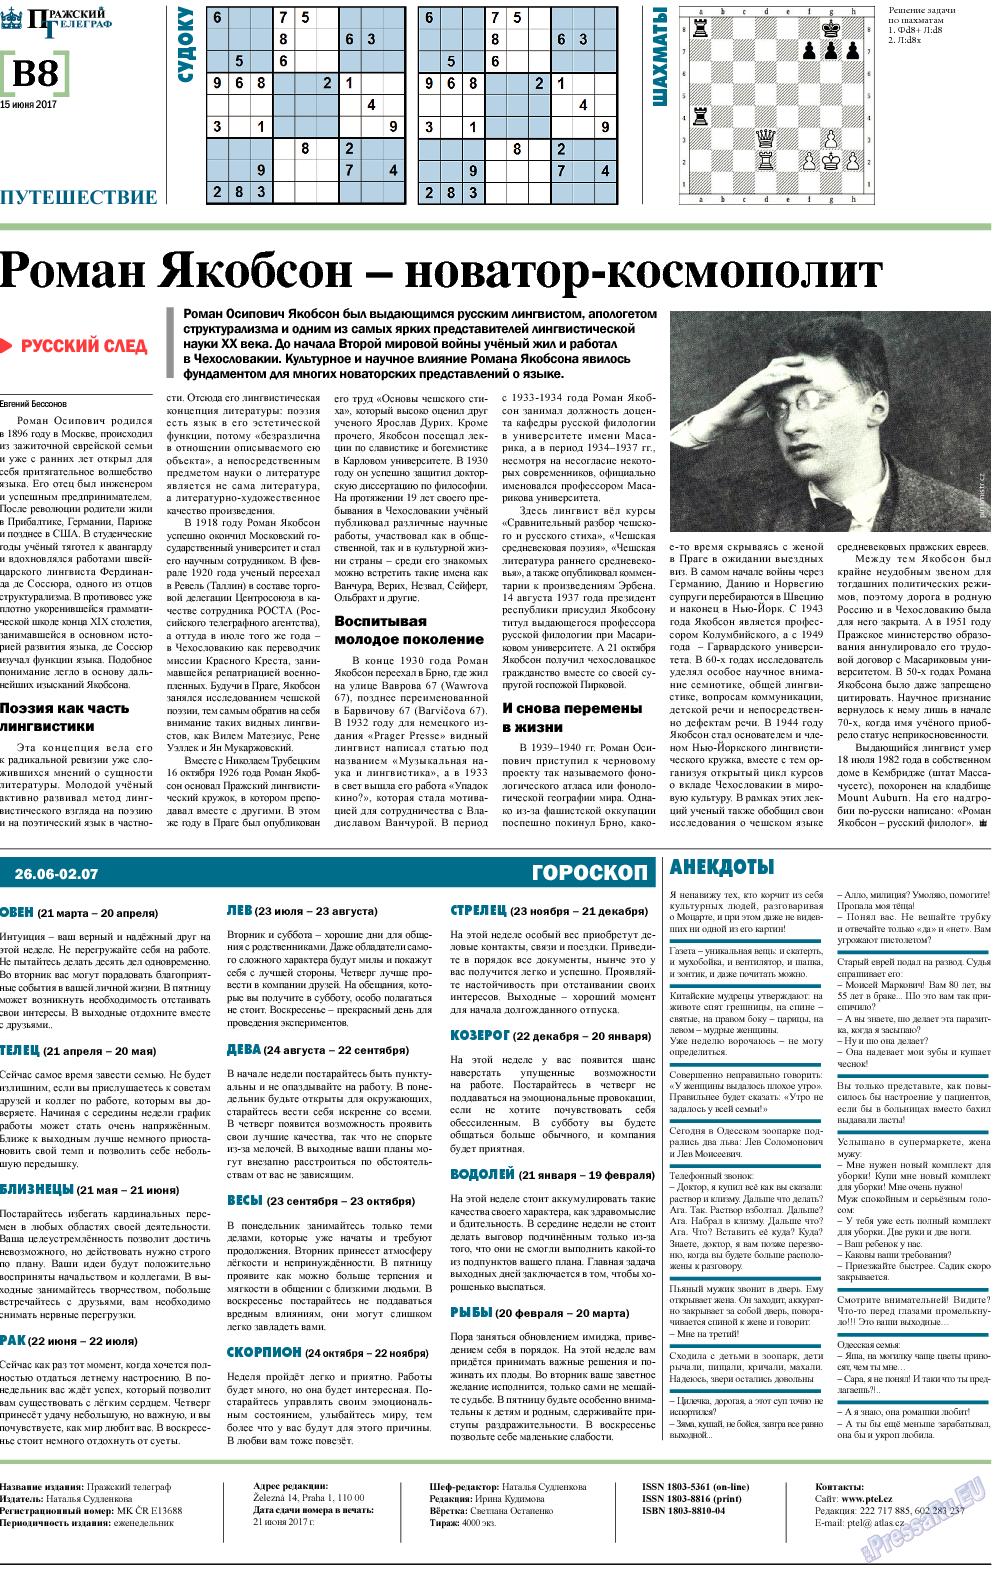 Пражский телеграф (газета). 2017 год, номер 25, стр. 16